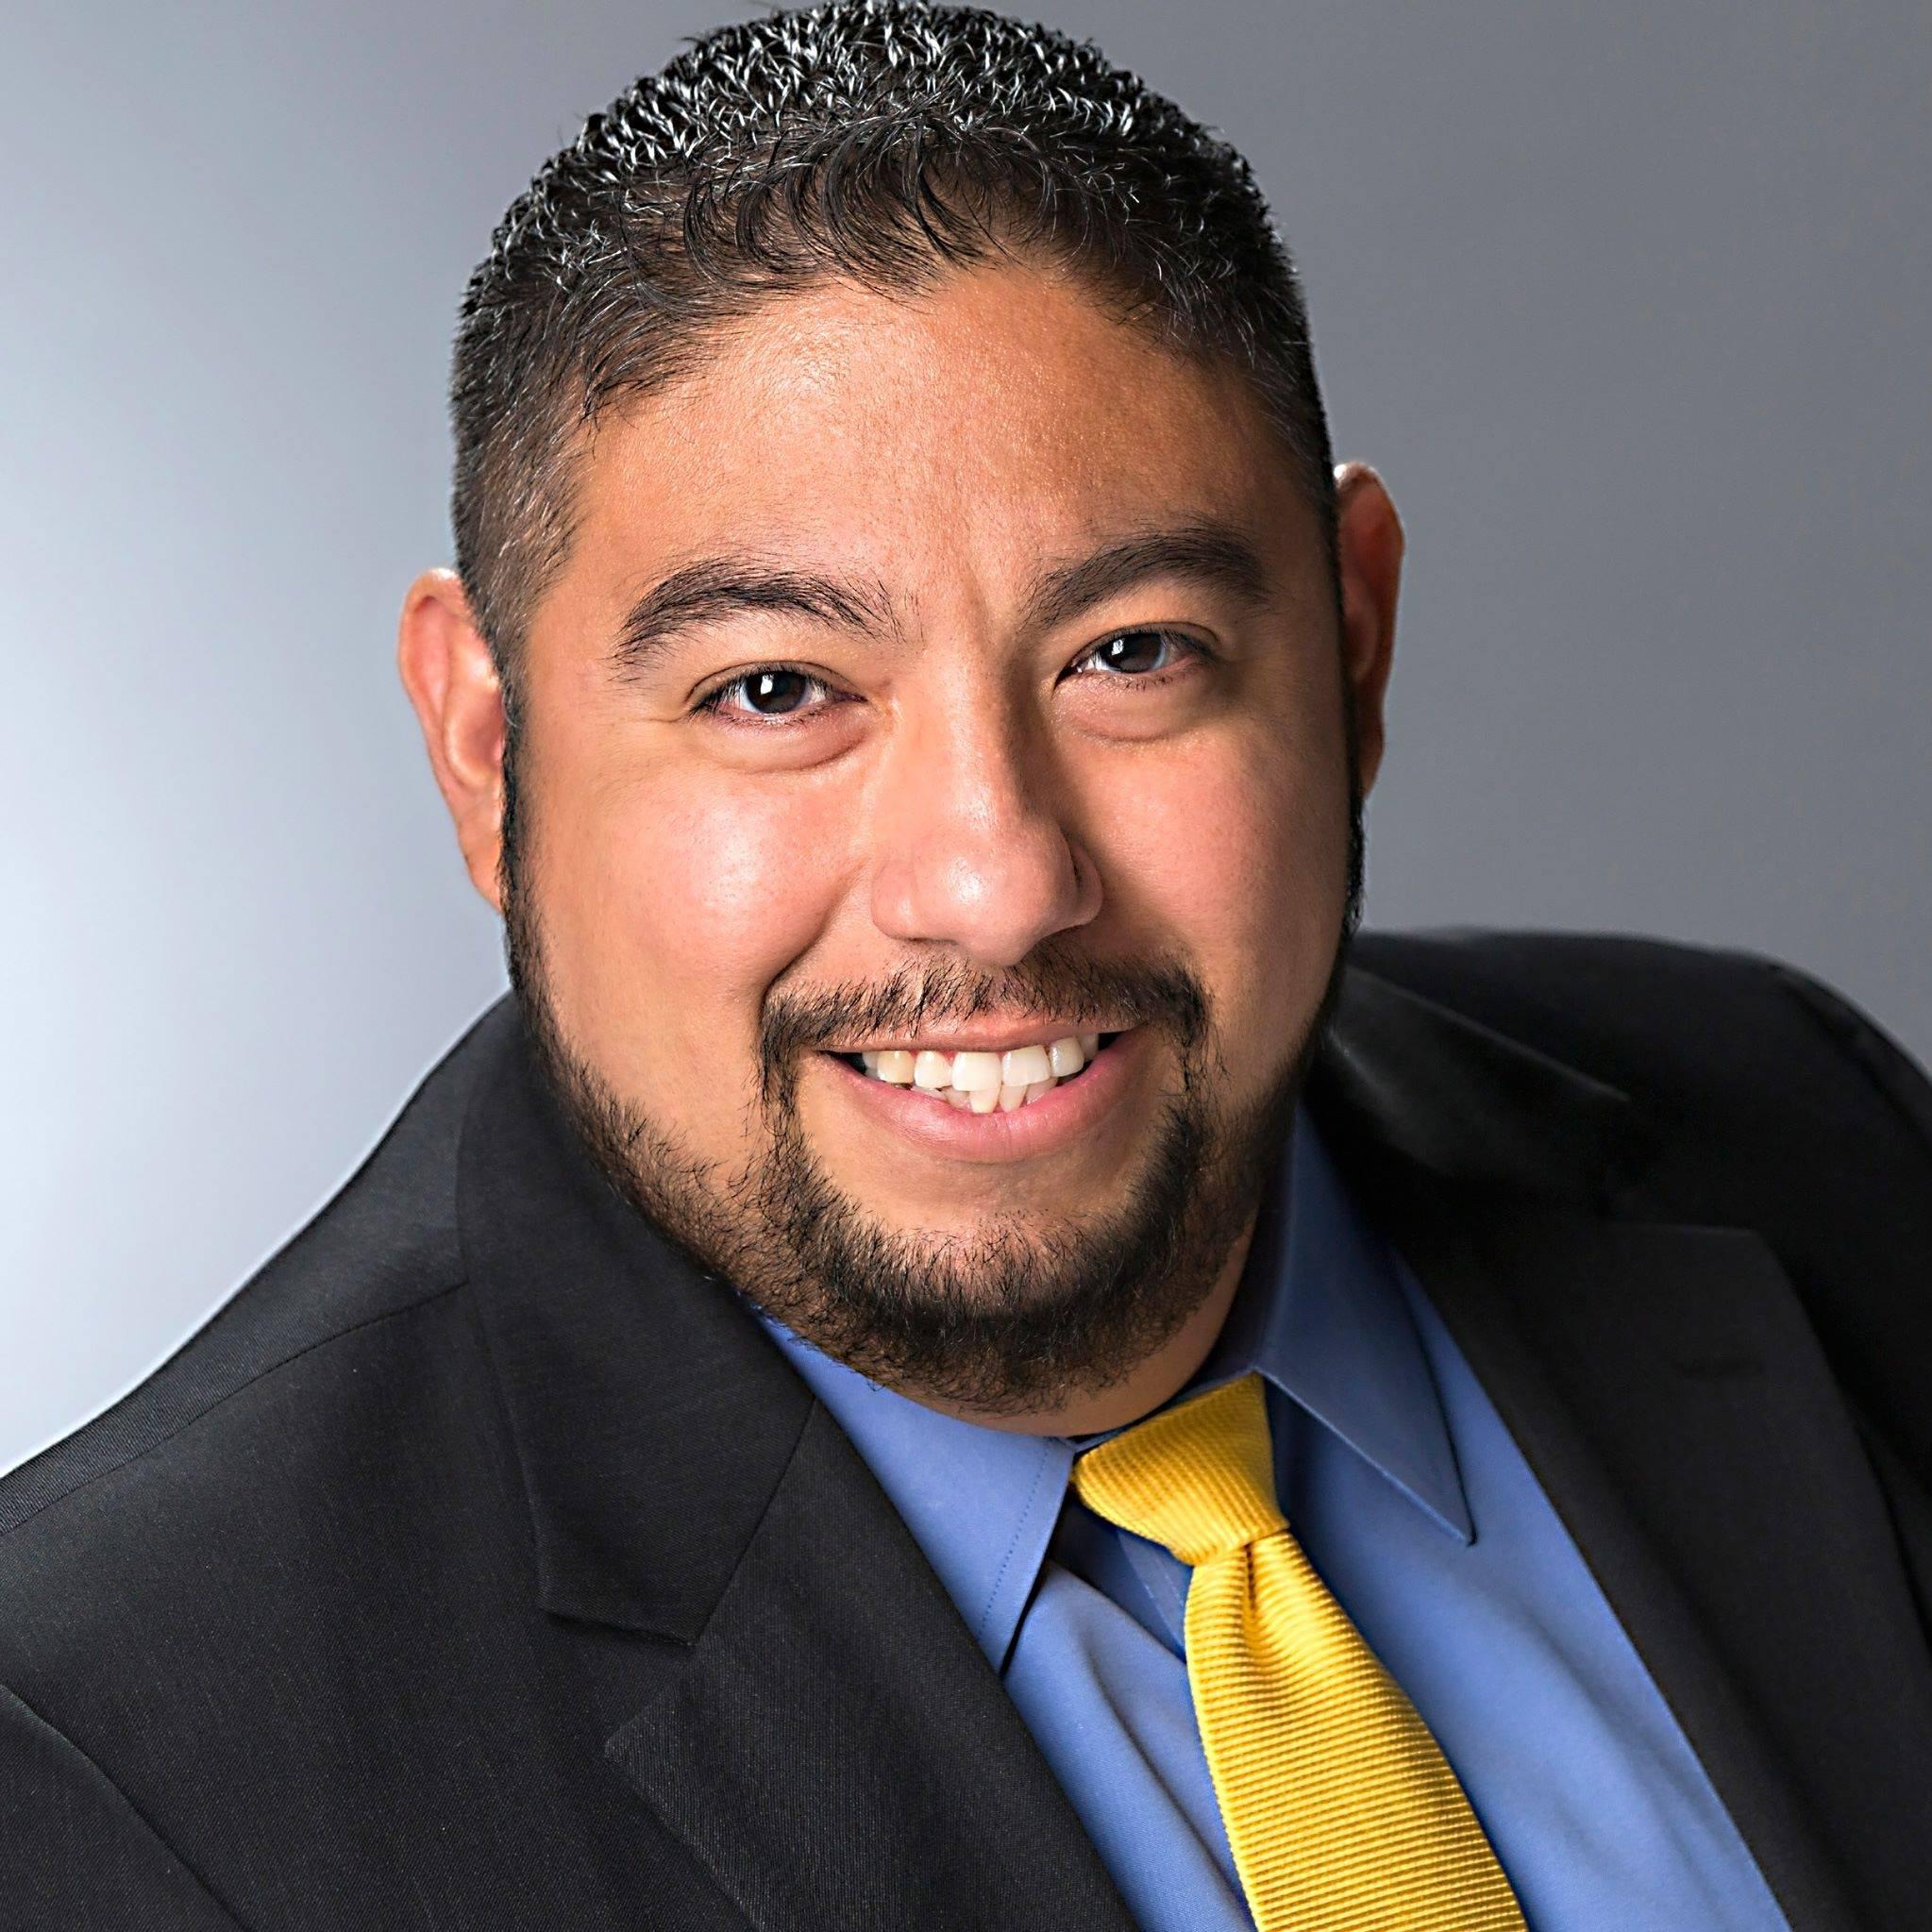 Robert Ruiz headshot 3